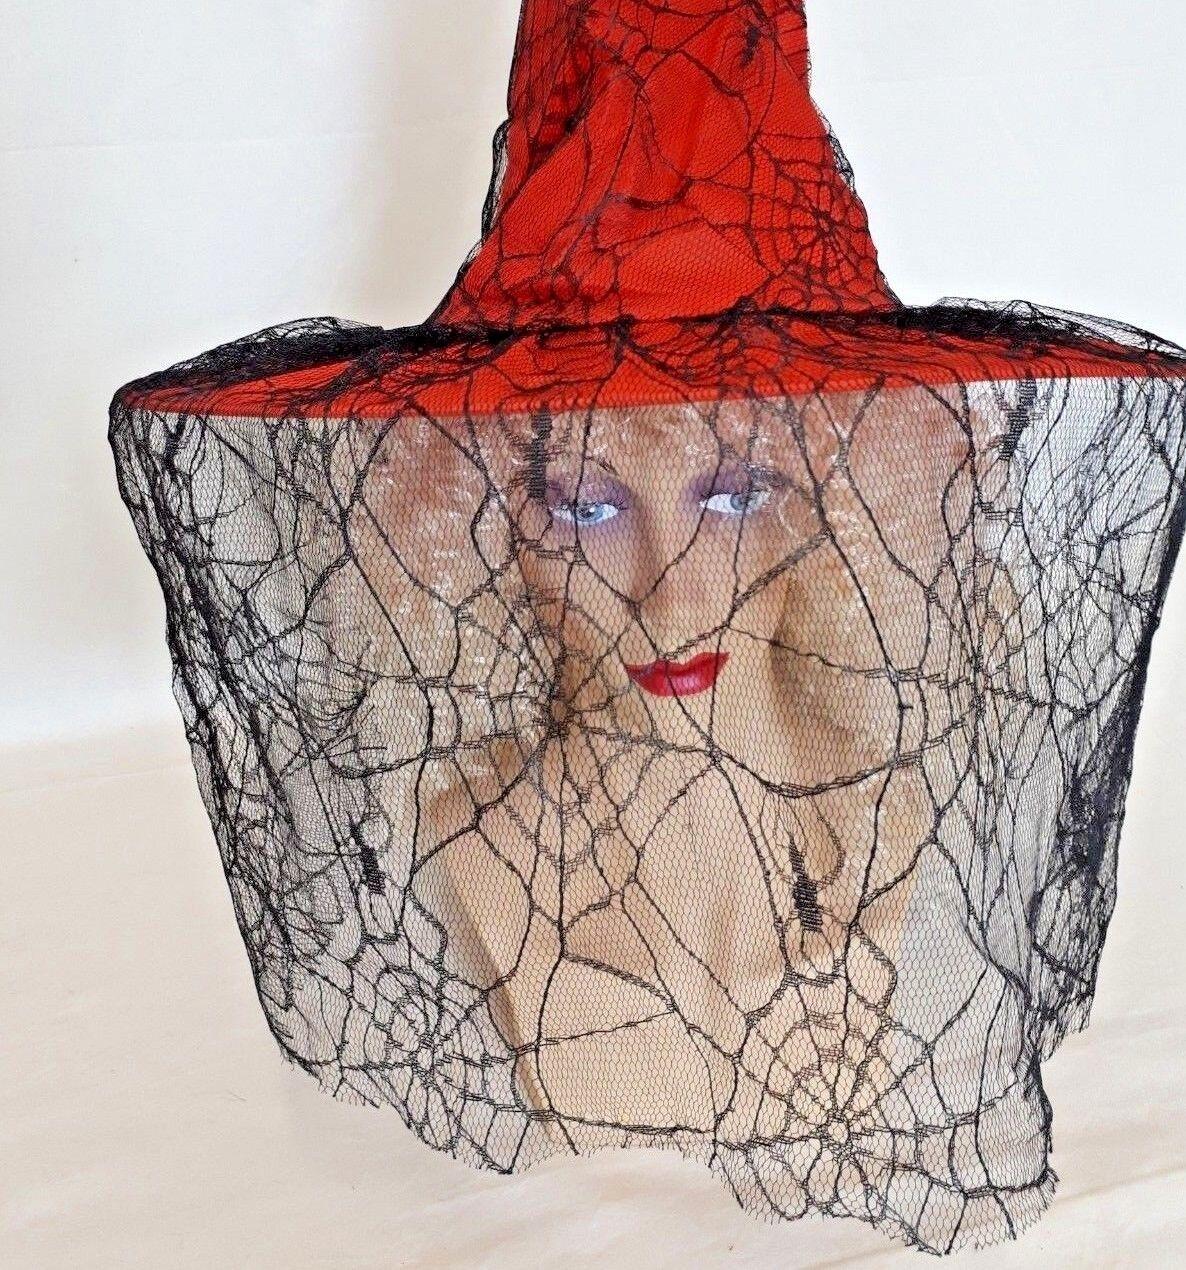 Hexenhut in rot mit Spinnennetz-Schleier schwarz Hexenkostüm 129269813